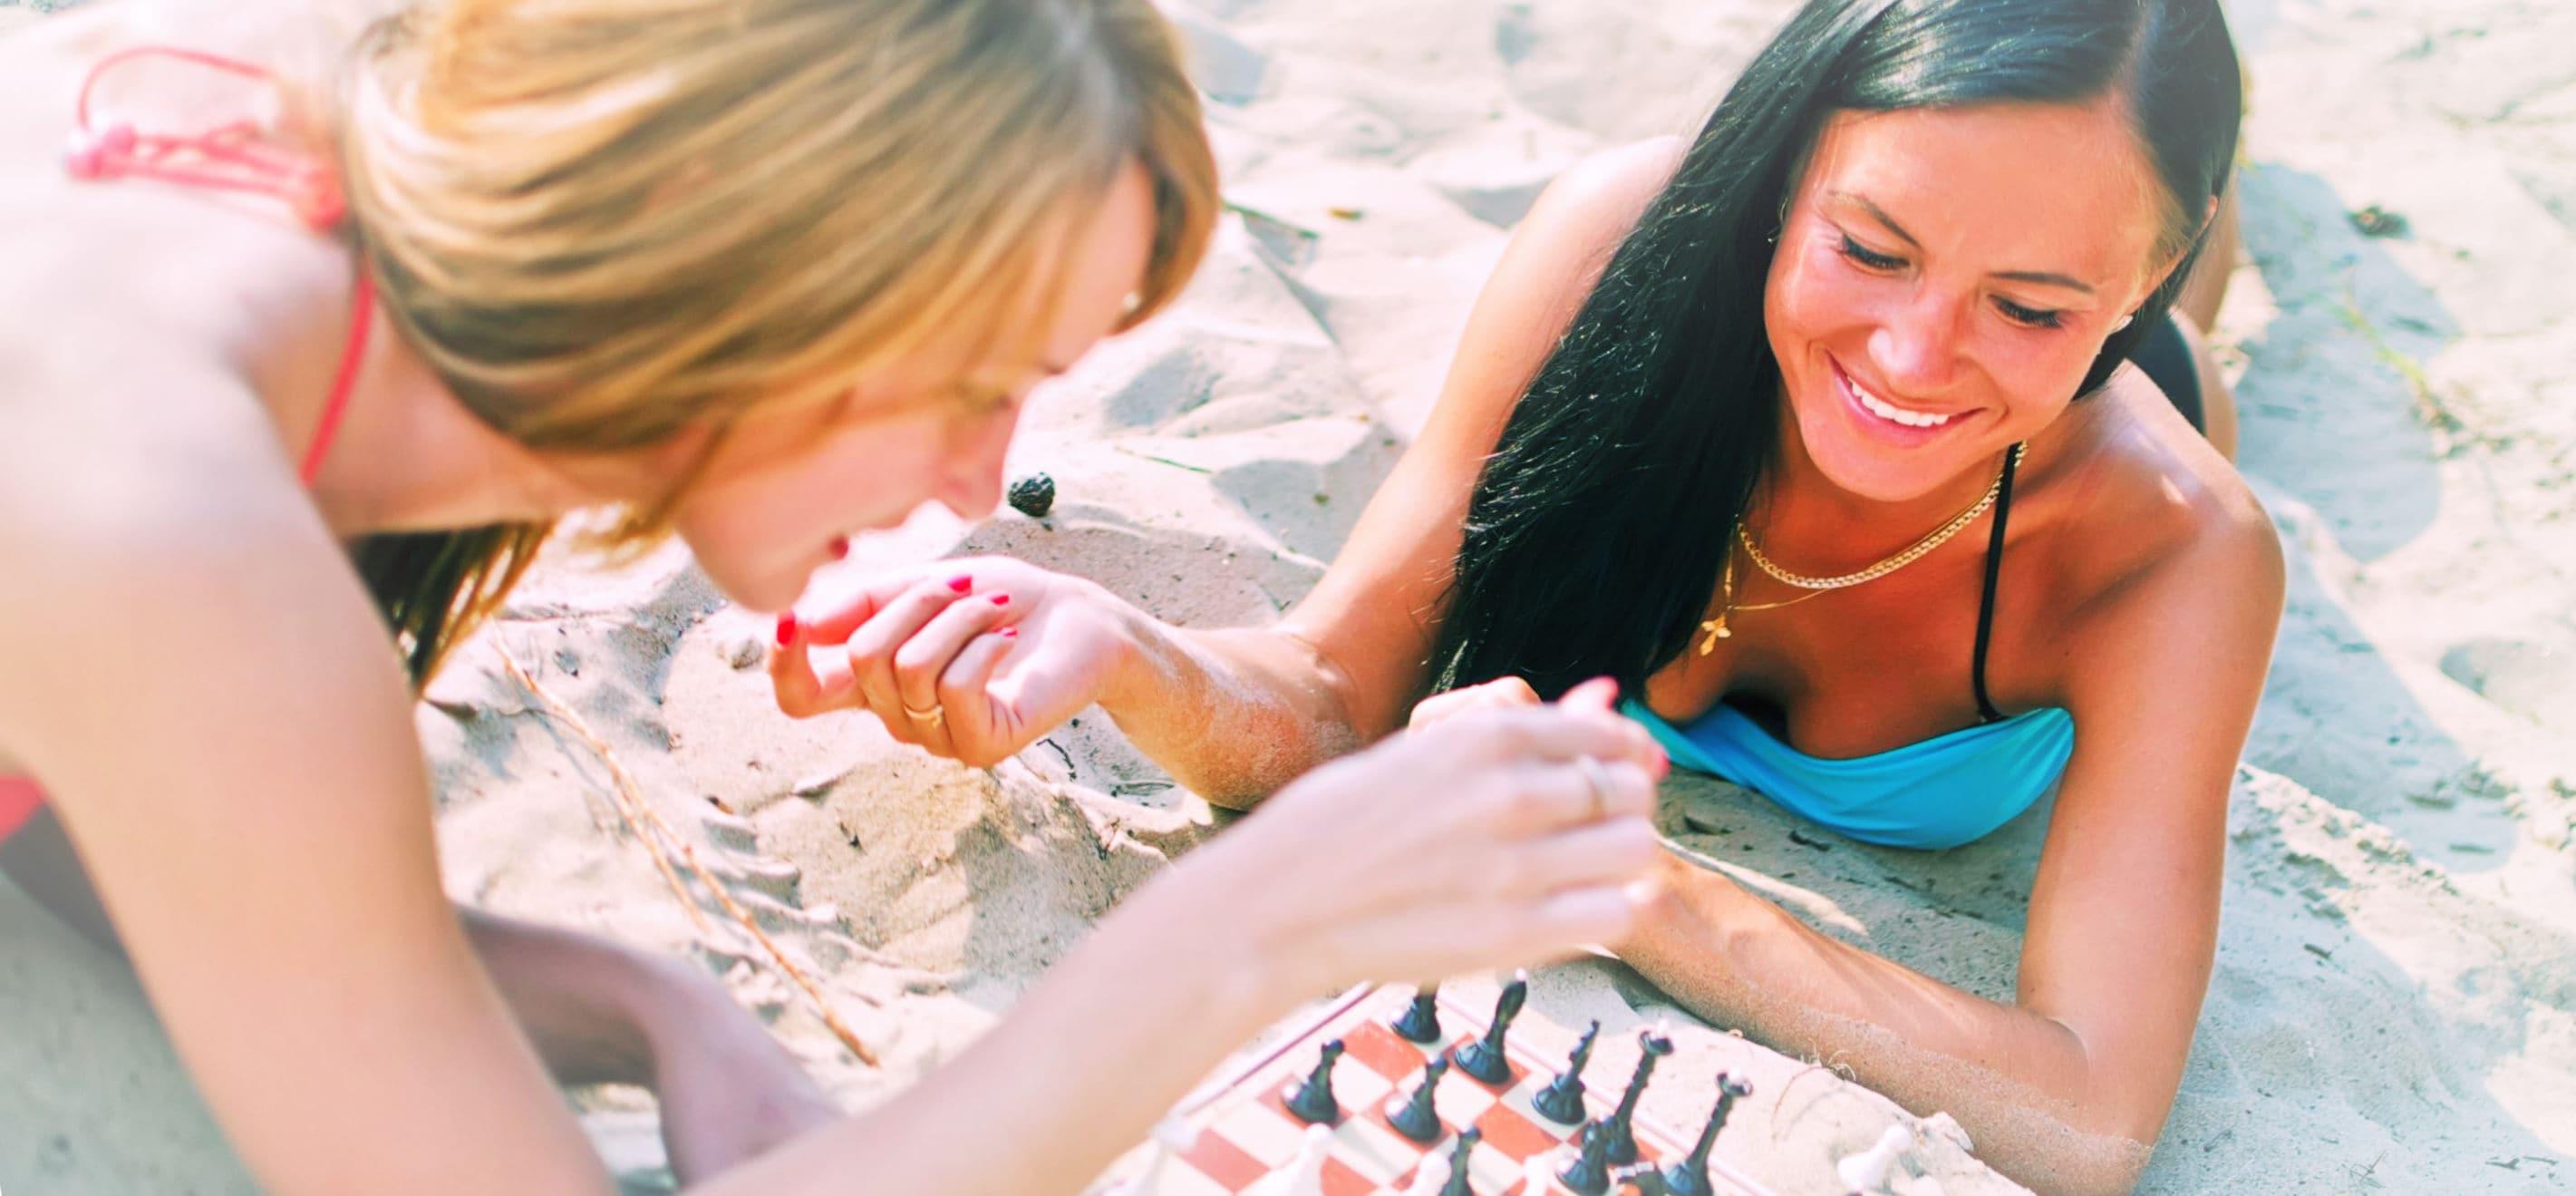 Επιτρα… παίζουμε: Παιχνίδια που μπορείς να πάρεις μαζί στις διακοπές!